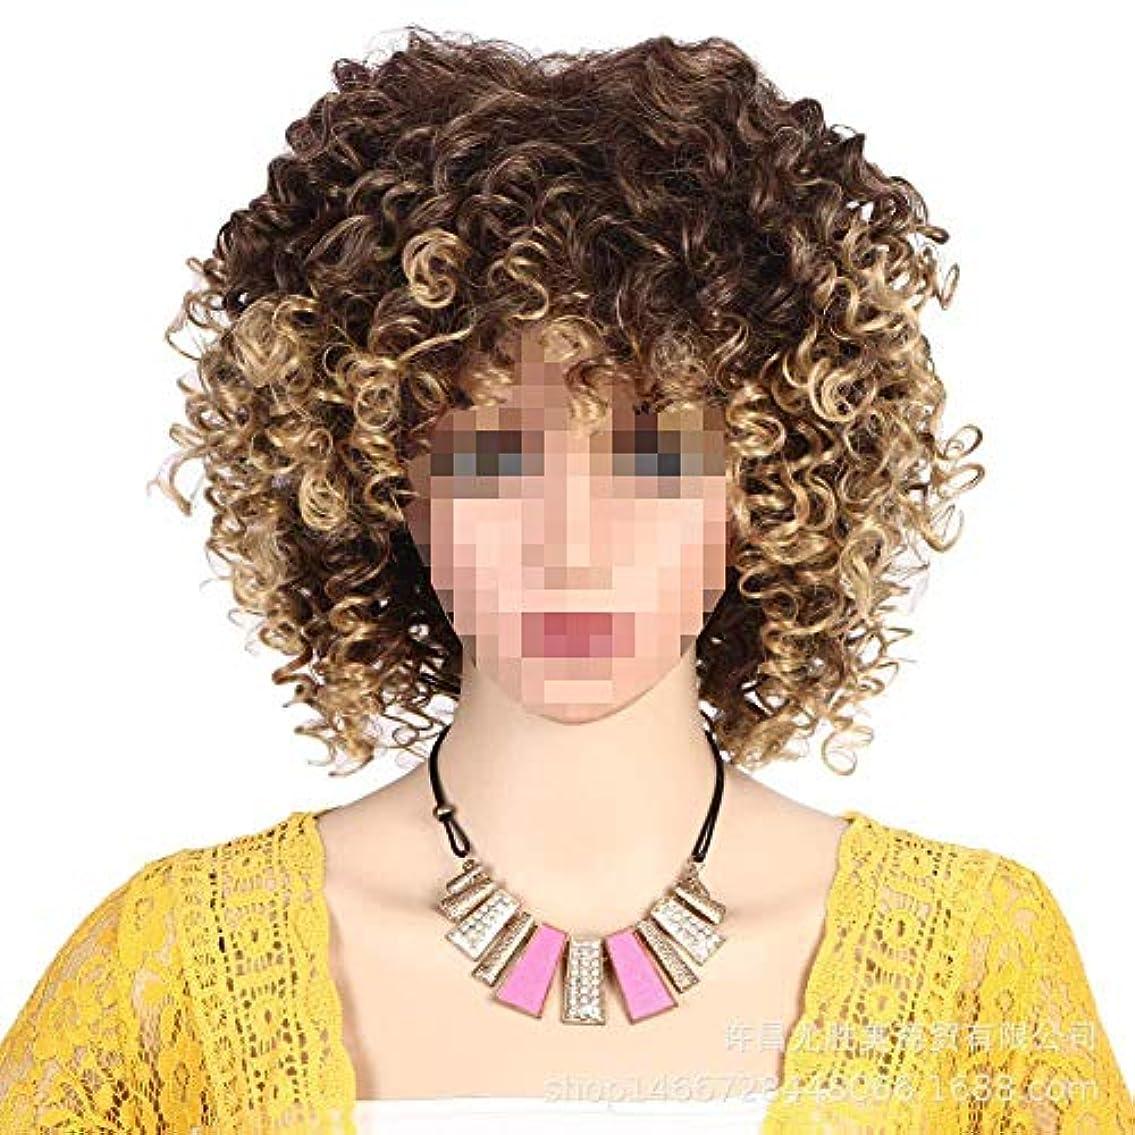 ボックスクランプ回転する女性のための合成ショート変態カーリーヘアウィッグ/耐熱性繊維ショルダー長さ/アフリカ系アメリカ人コスプレウィッグ用ウィッグ